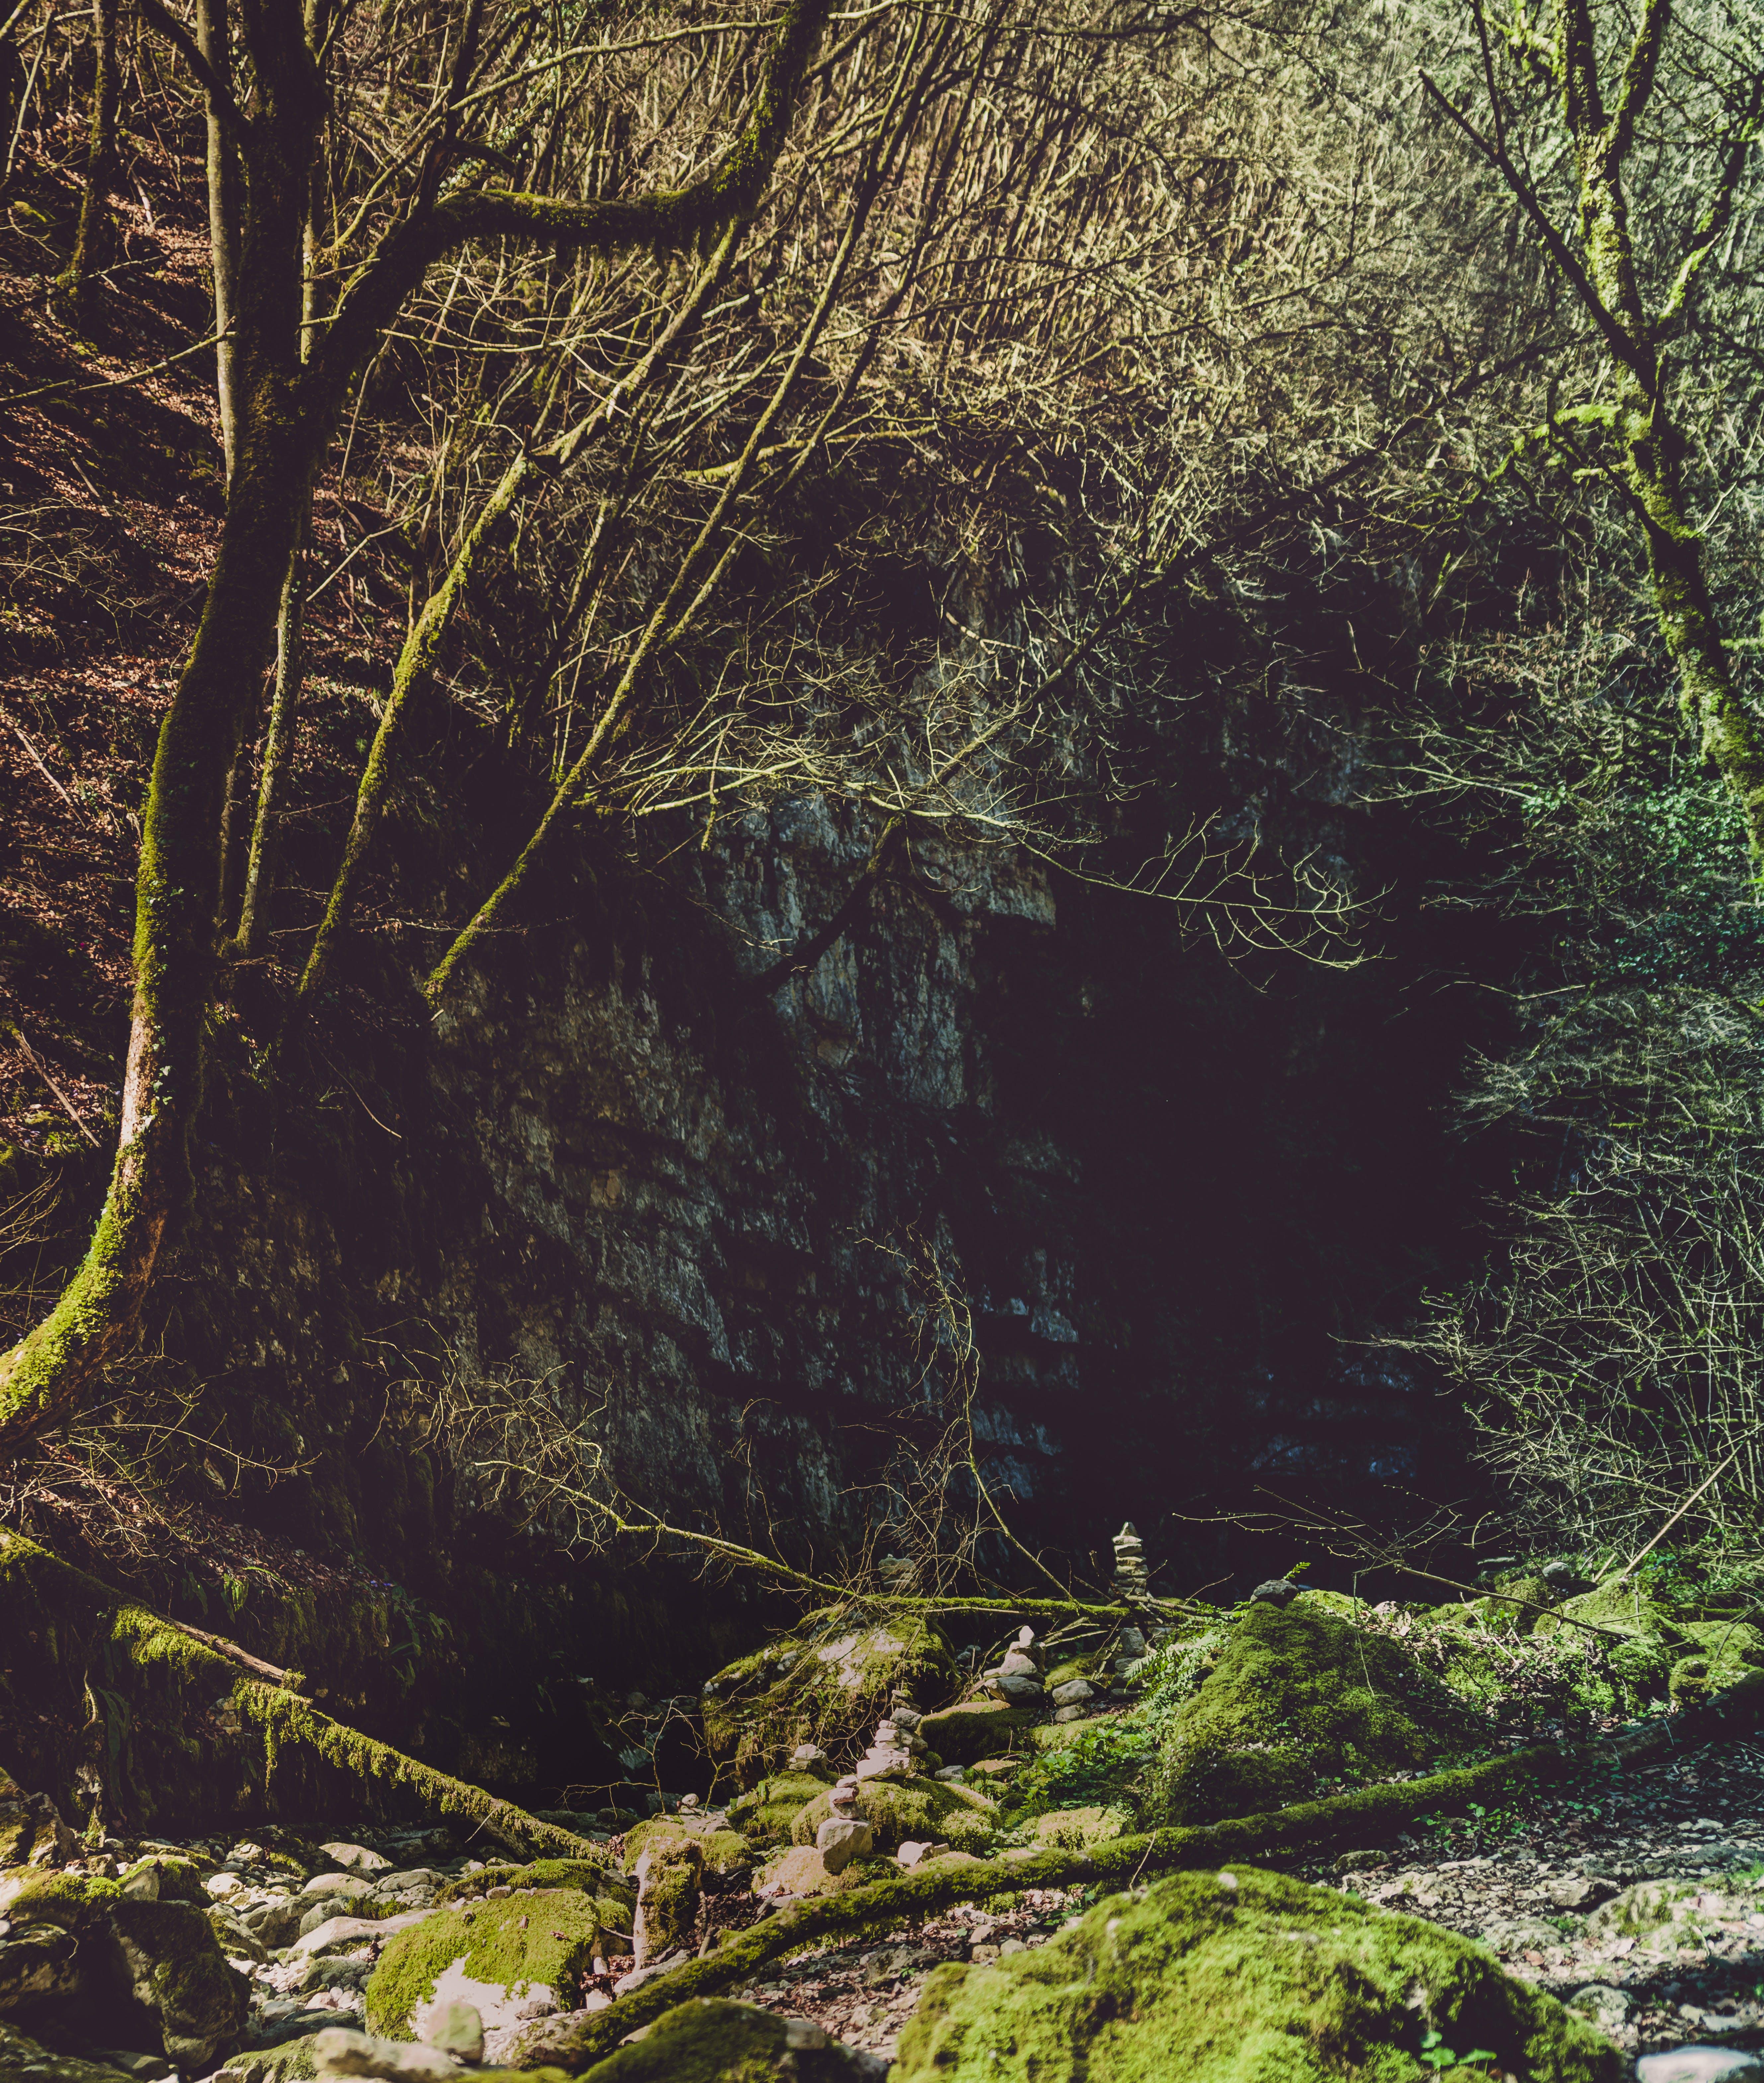 Gratis lagerfoto af grene, landskab, miljø, mos